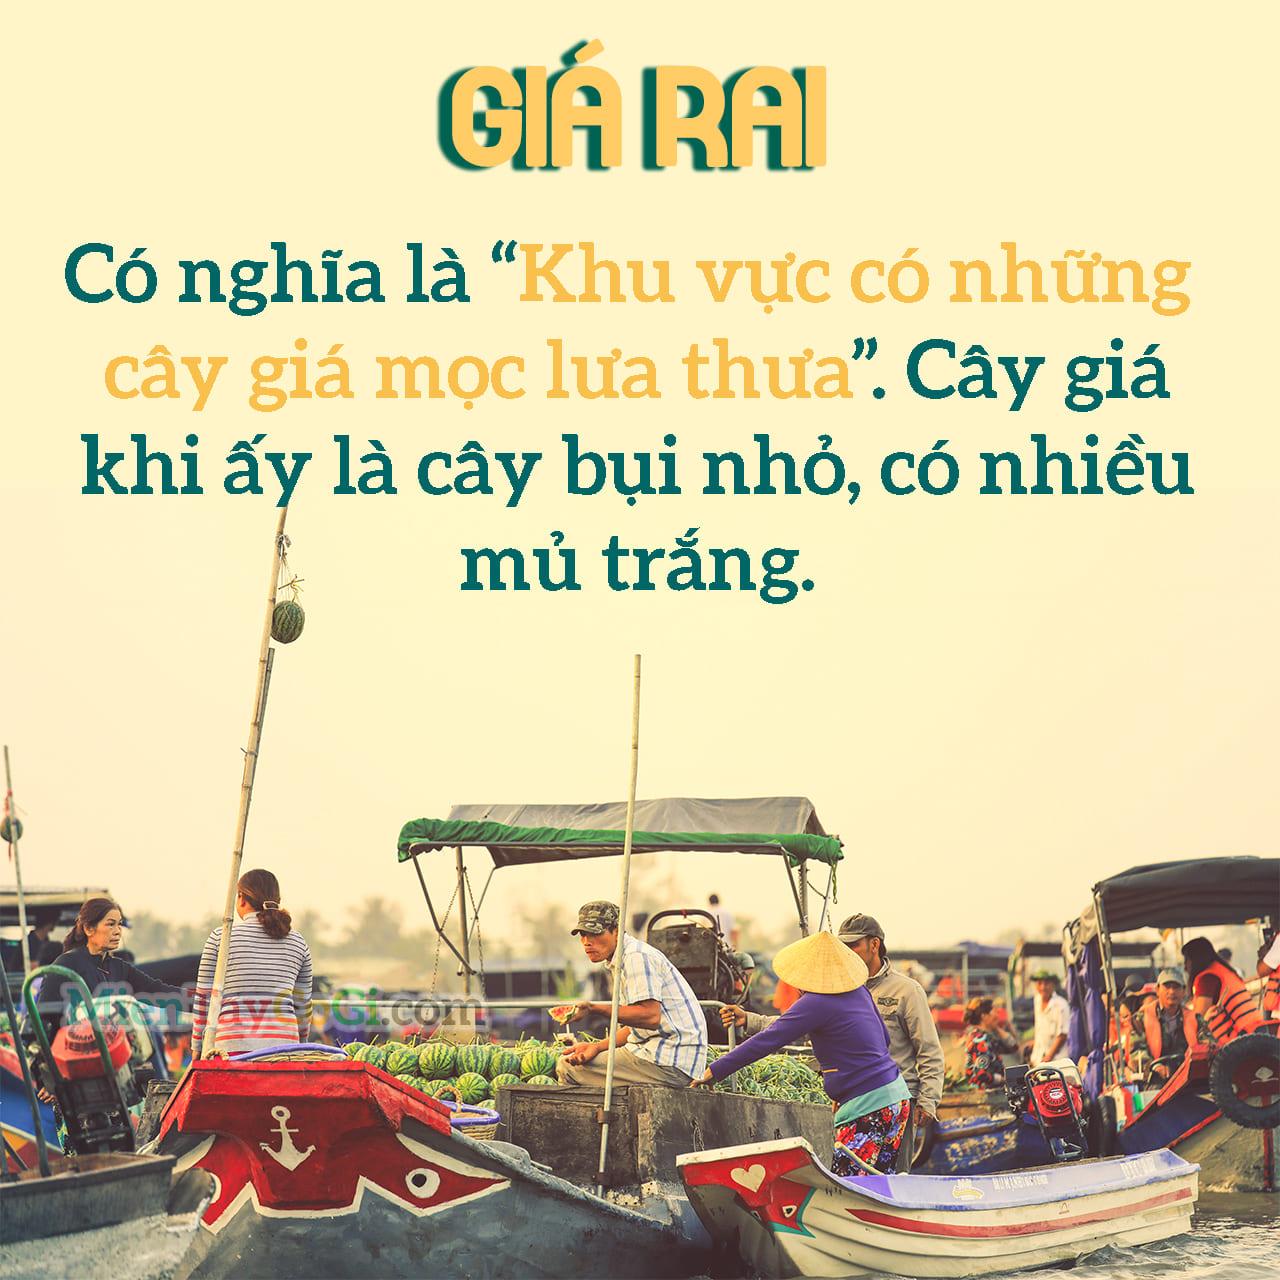 Ý nghĩa của địa danh Giá Rai là gì